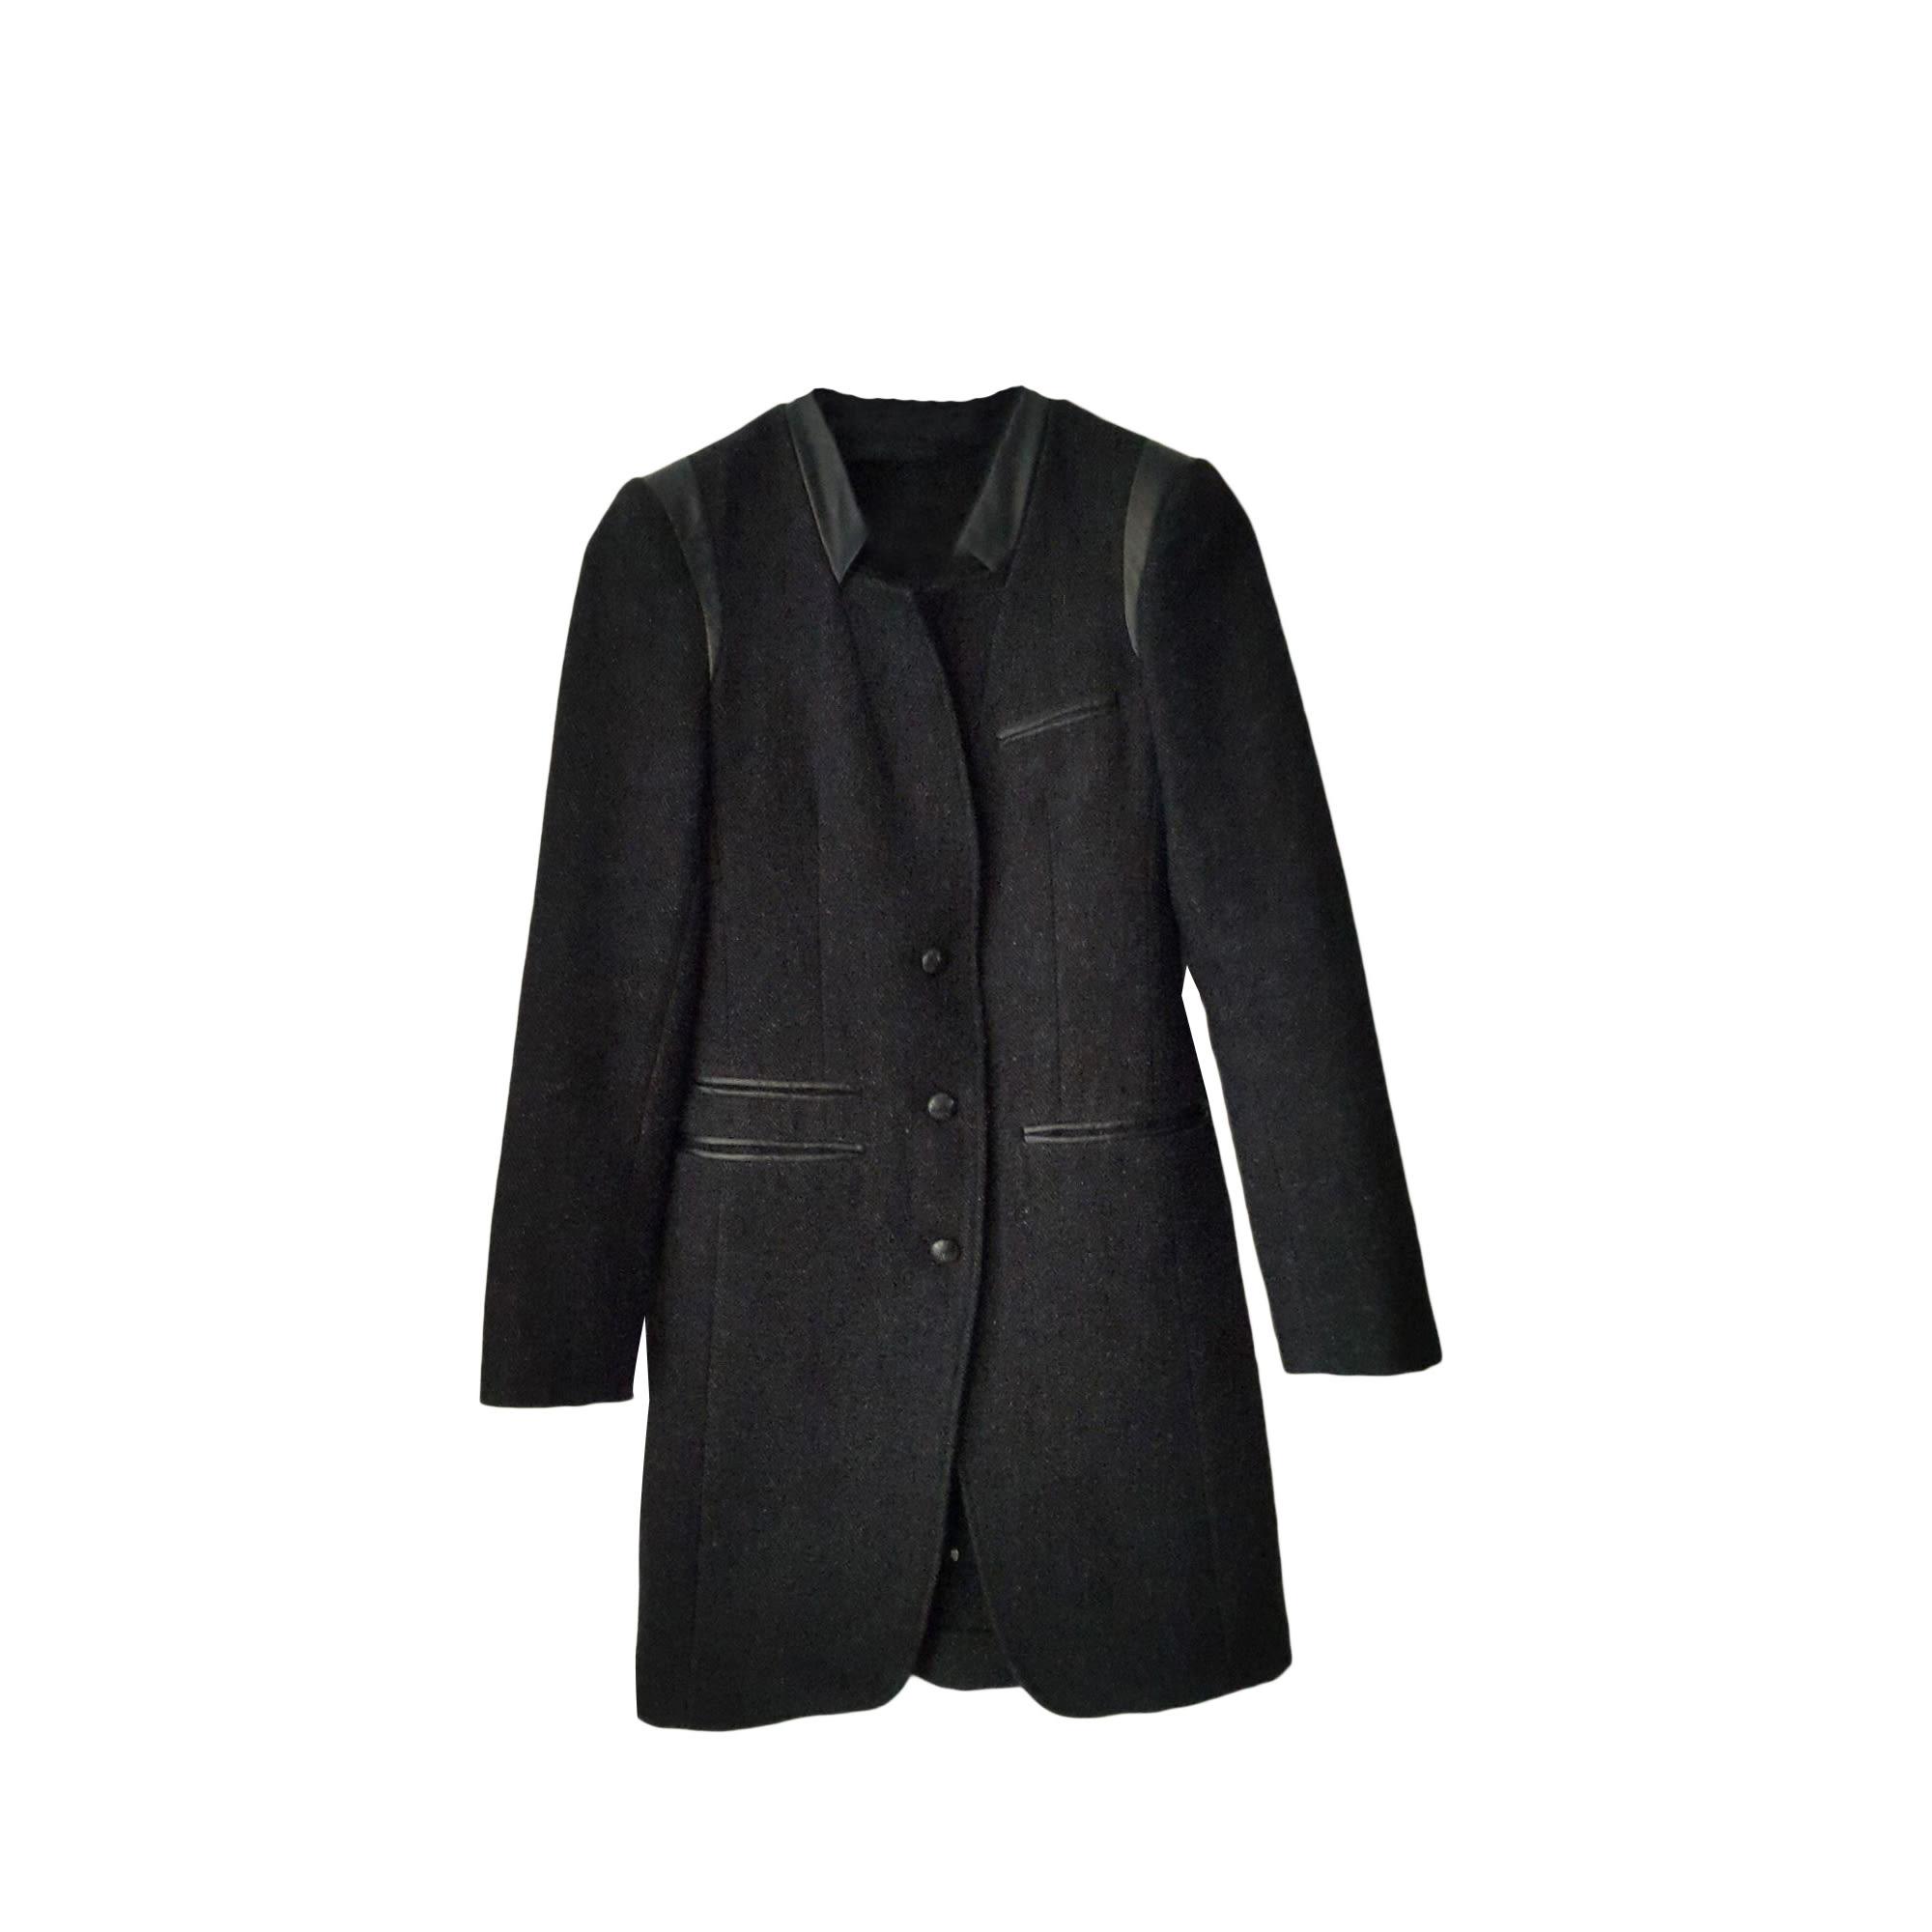 manteau ikks xs en vente   eBay